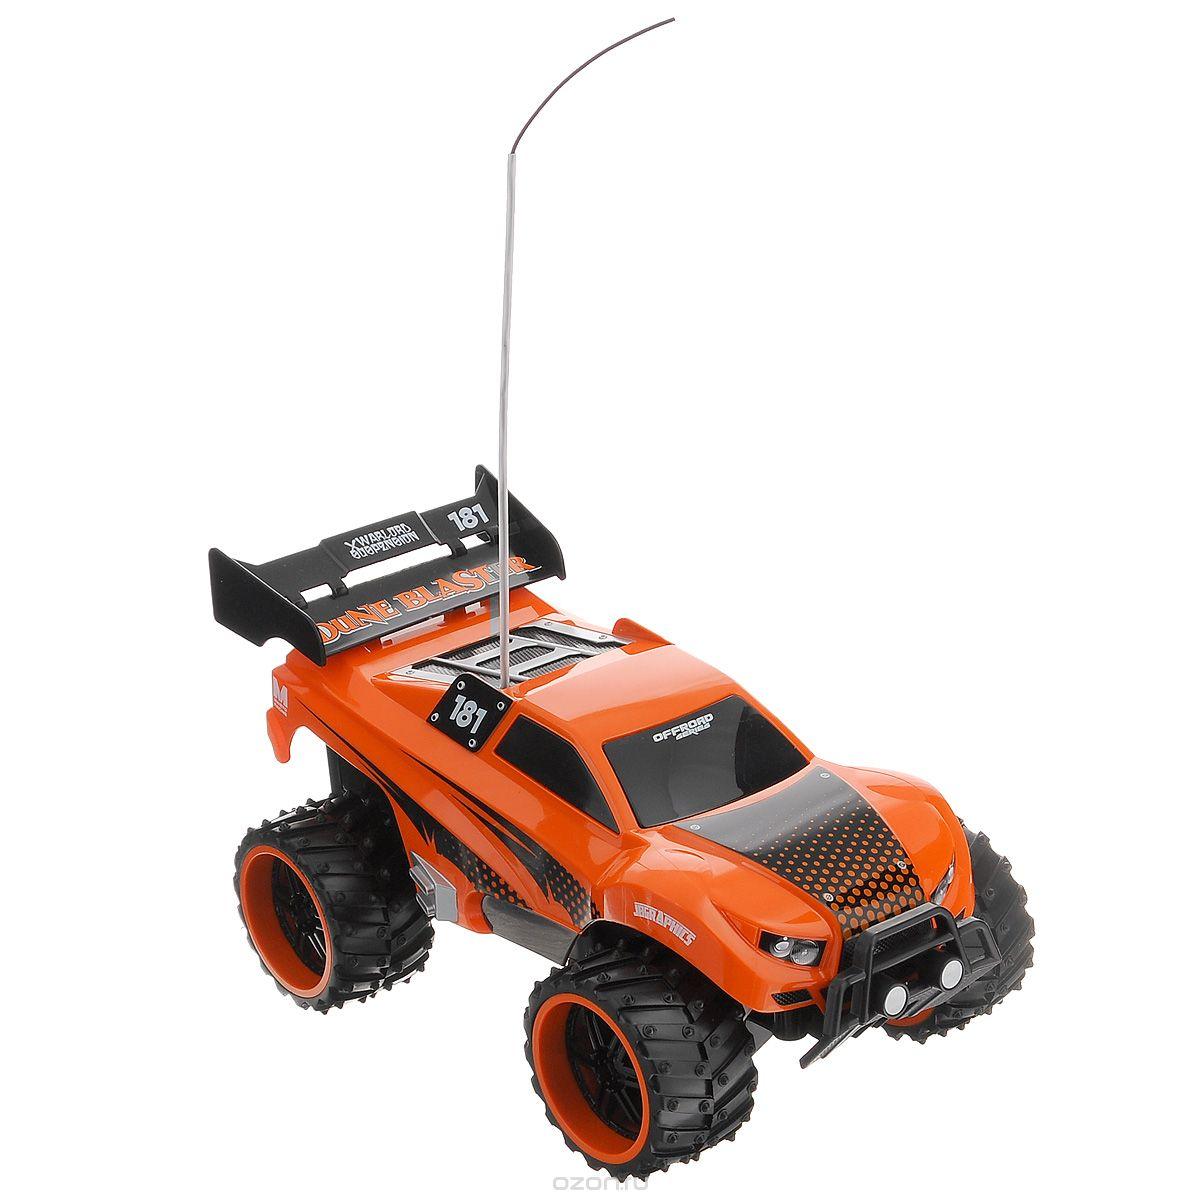 """Радиоуправляемая модель Maisto """"Внедорожник Dune Blaster"""" с ярким привлекающим внимание дизайном обязательно понравится всем любителям джипов. Корпус выполнен из высококачественного пластика и имеет высокую детализацию. Машина представляет собой копию внедорожника, уменьшенного в 16 раз. Двигается в нескольких направлениях: вперед, назад, вправо, влево. Большие шипованные шины обеспечивают высокую проходимость и быстрое преодоление препятствий. Автомобиль оснащен профессиональным передатчиком с частотой 27 MHz. Управление с помощью дистанционного пульта с рулевым управлением (поставляется в комплекте). В комплекте инструкция по эксплуатации на русском языке. Для работы машины рекомендуется докупить 4 батарейки напряжением 1,5V типа АА (товар комплектуется демонстрационными). Для работы пульта управления необходимо докупить 2 батарейки напряжением 1,5V типа АА (товар комплектуется демонстрационными)."""